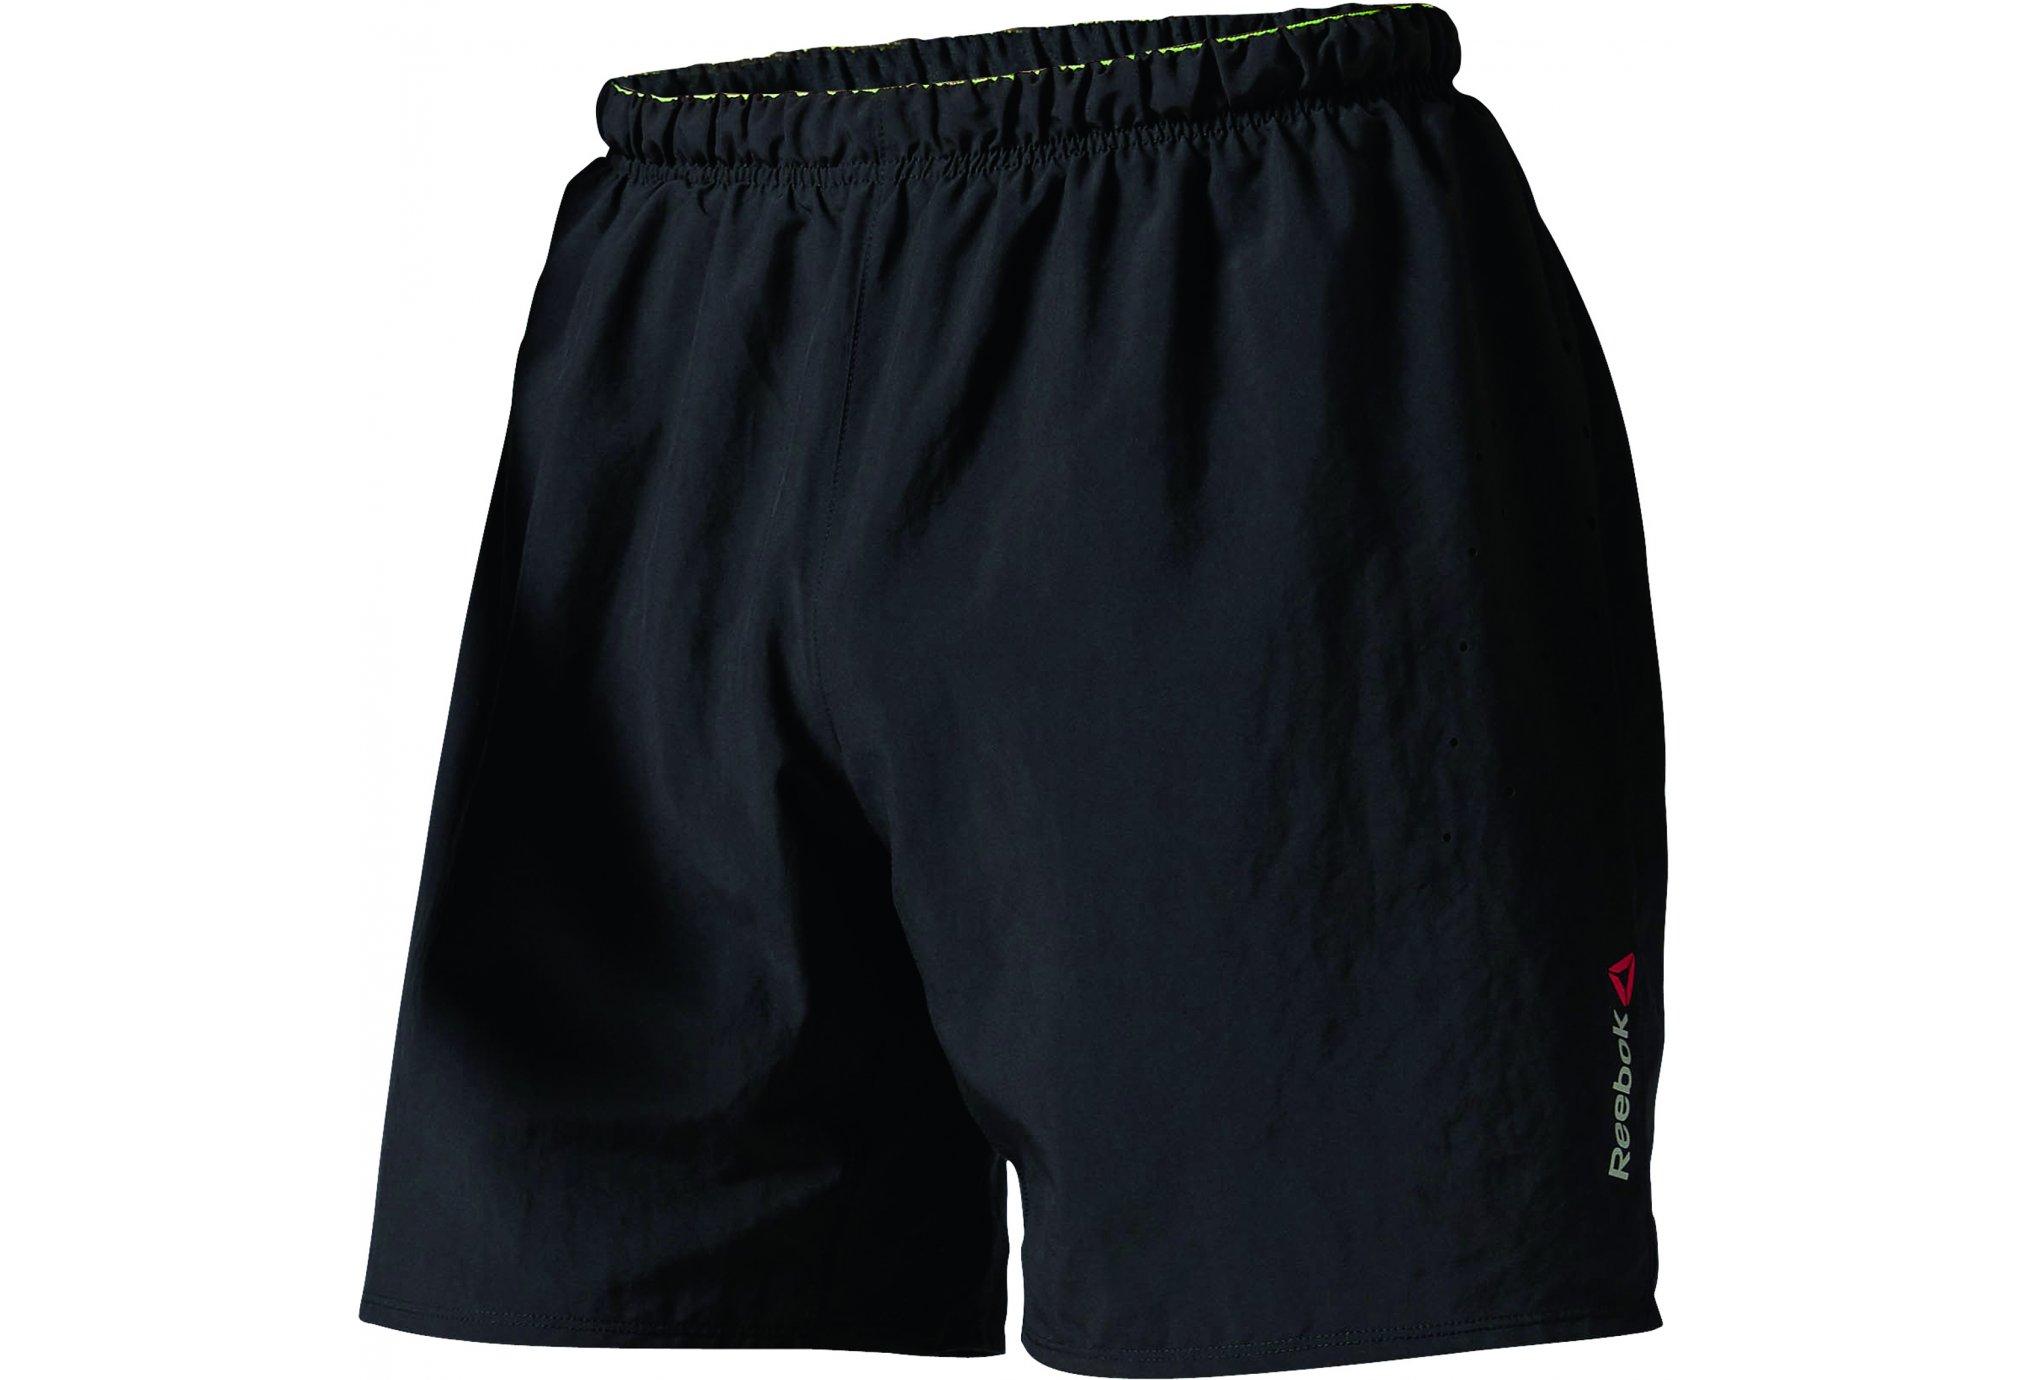 Reebok Short One Series - 18cm M Diététique Vêtements homme